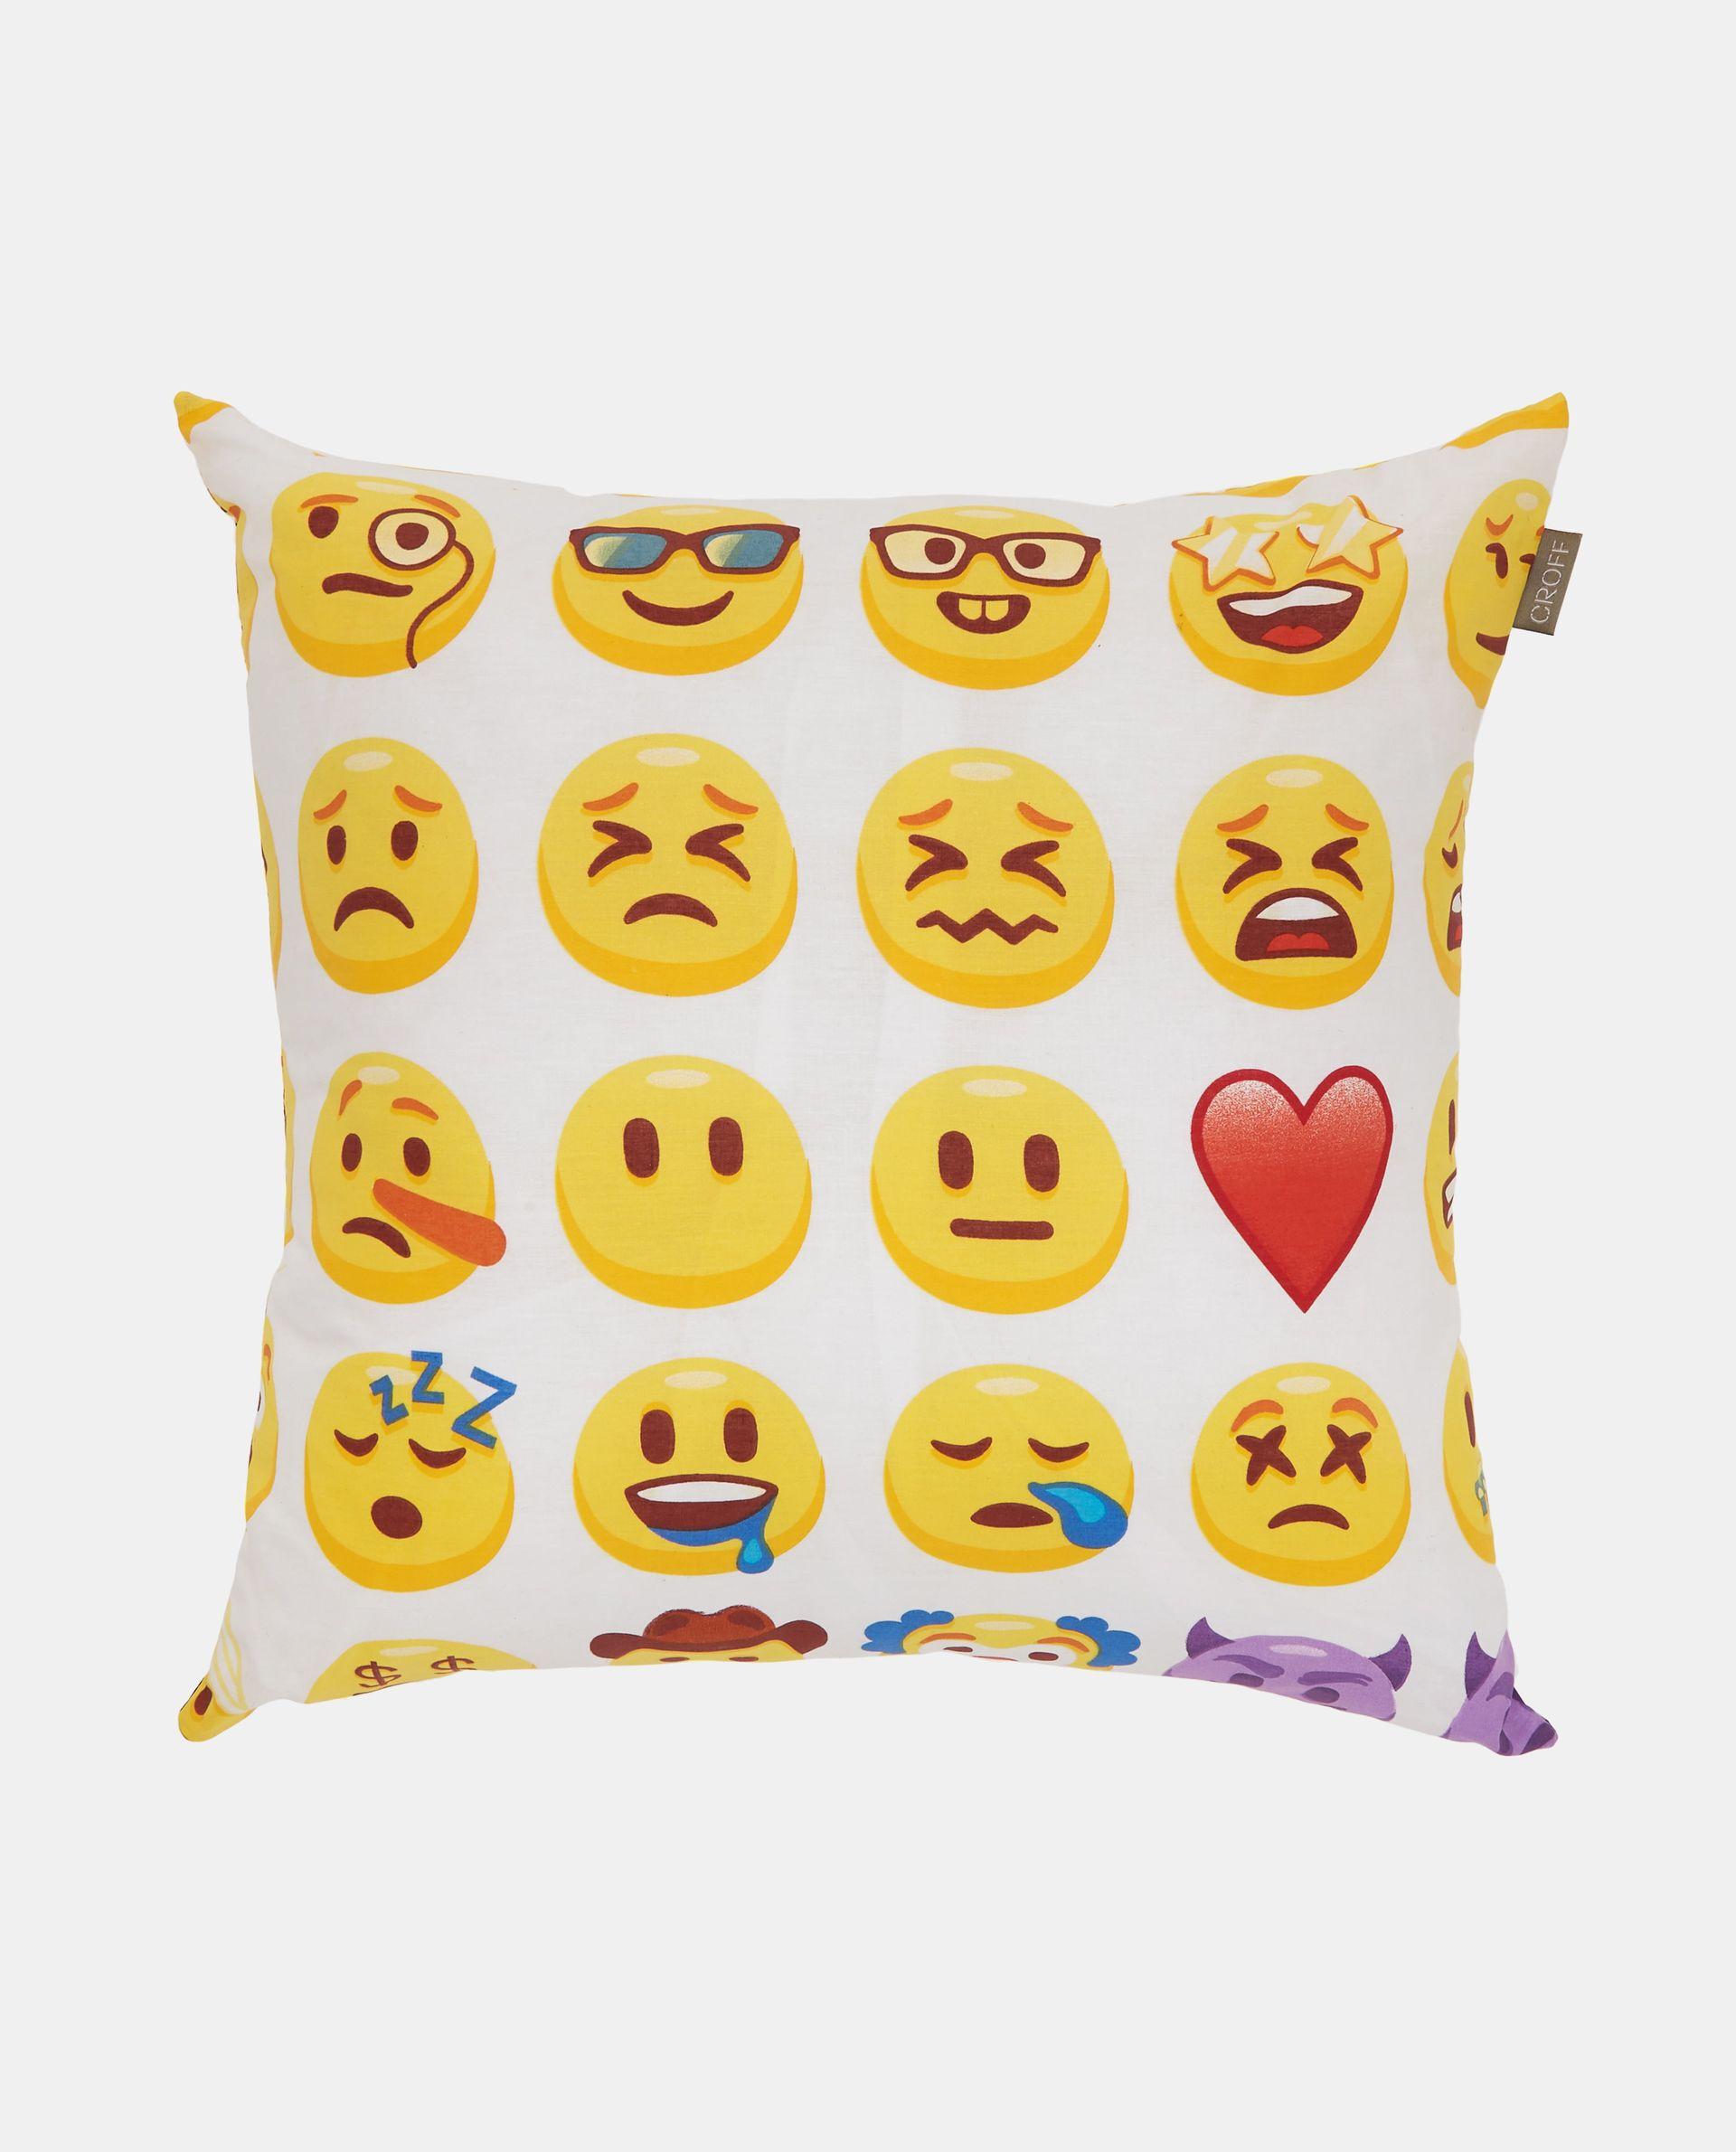 Cuscino fantasia emoticon Whatsapp